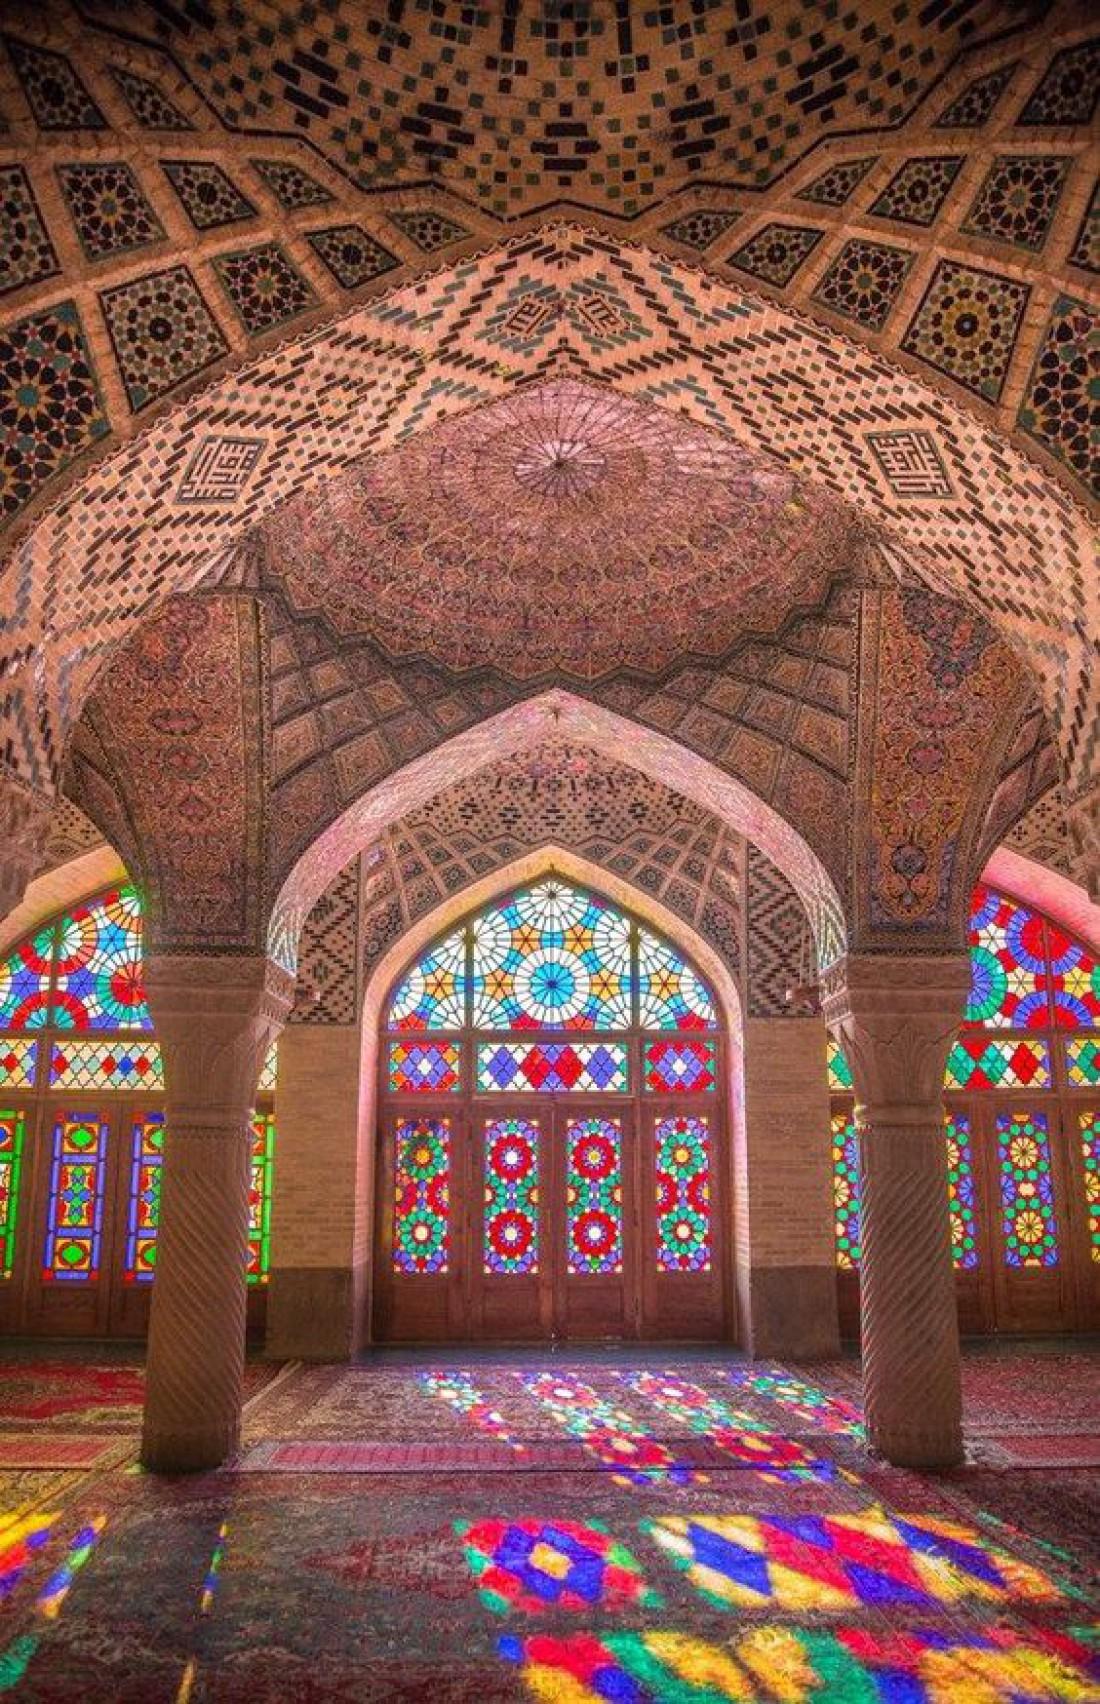 Иранские сказки: Культурные места древней цивилизации